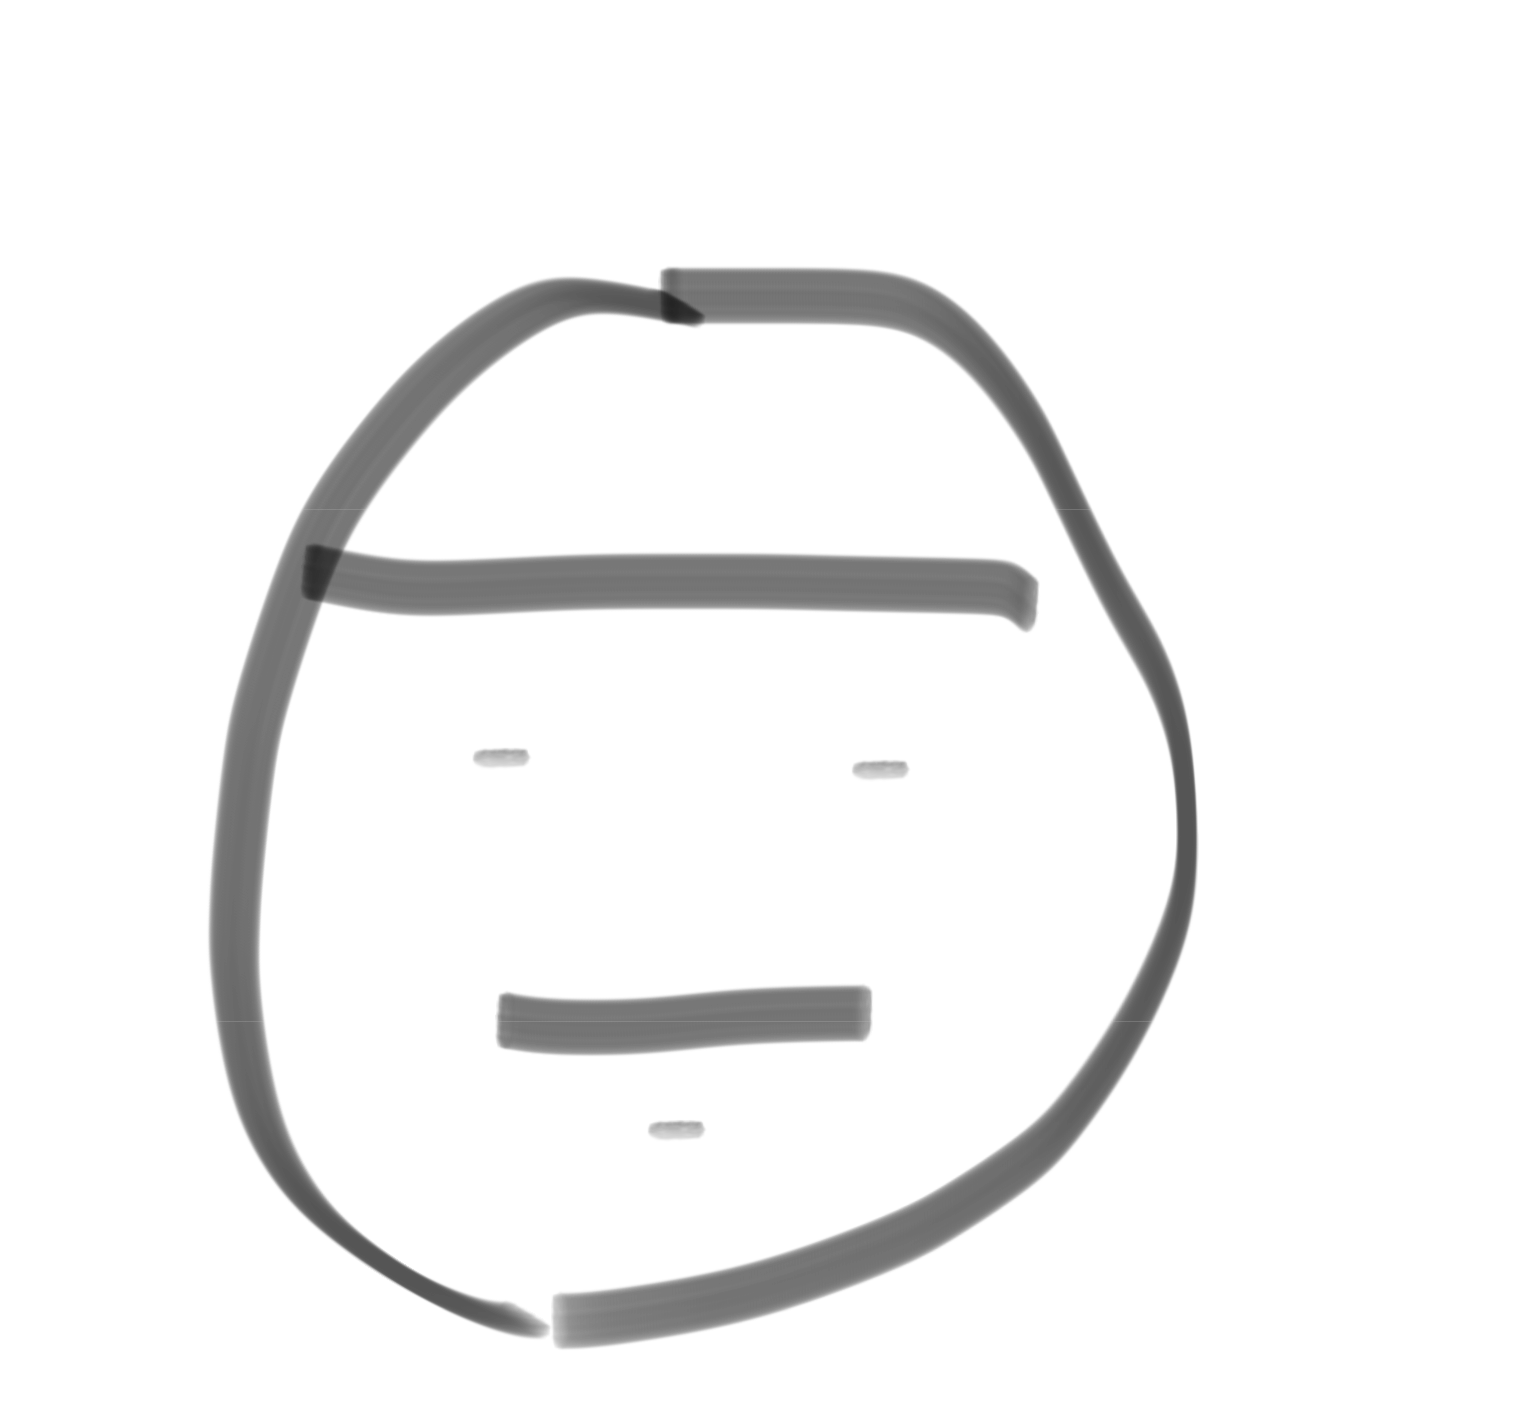 회원아이콘